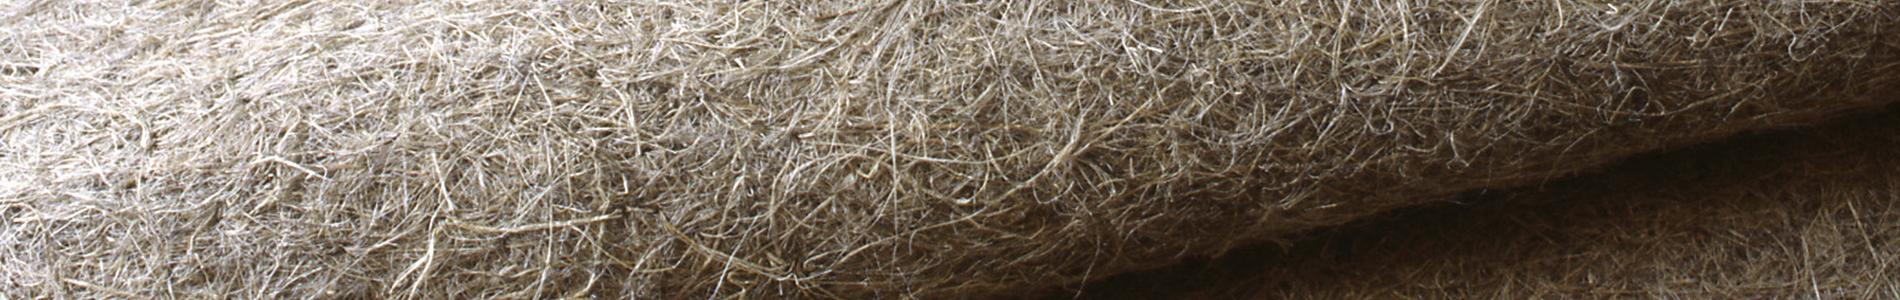 bandeau-chanvrierex1900x300-plasturgie